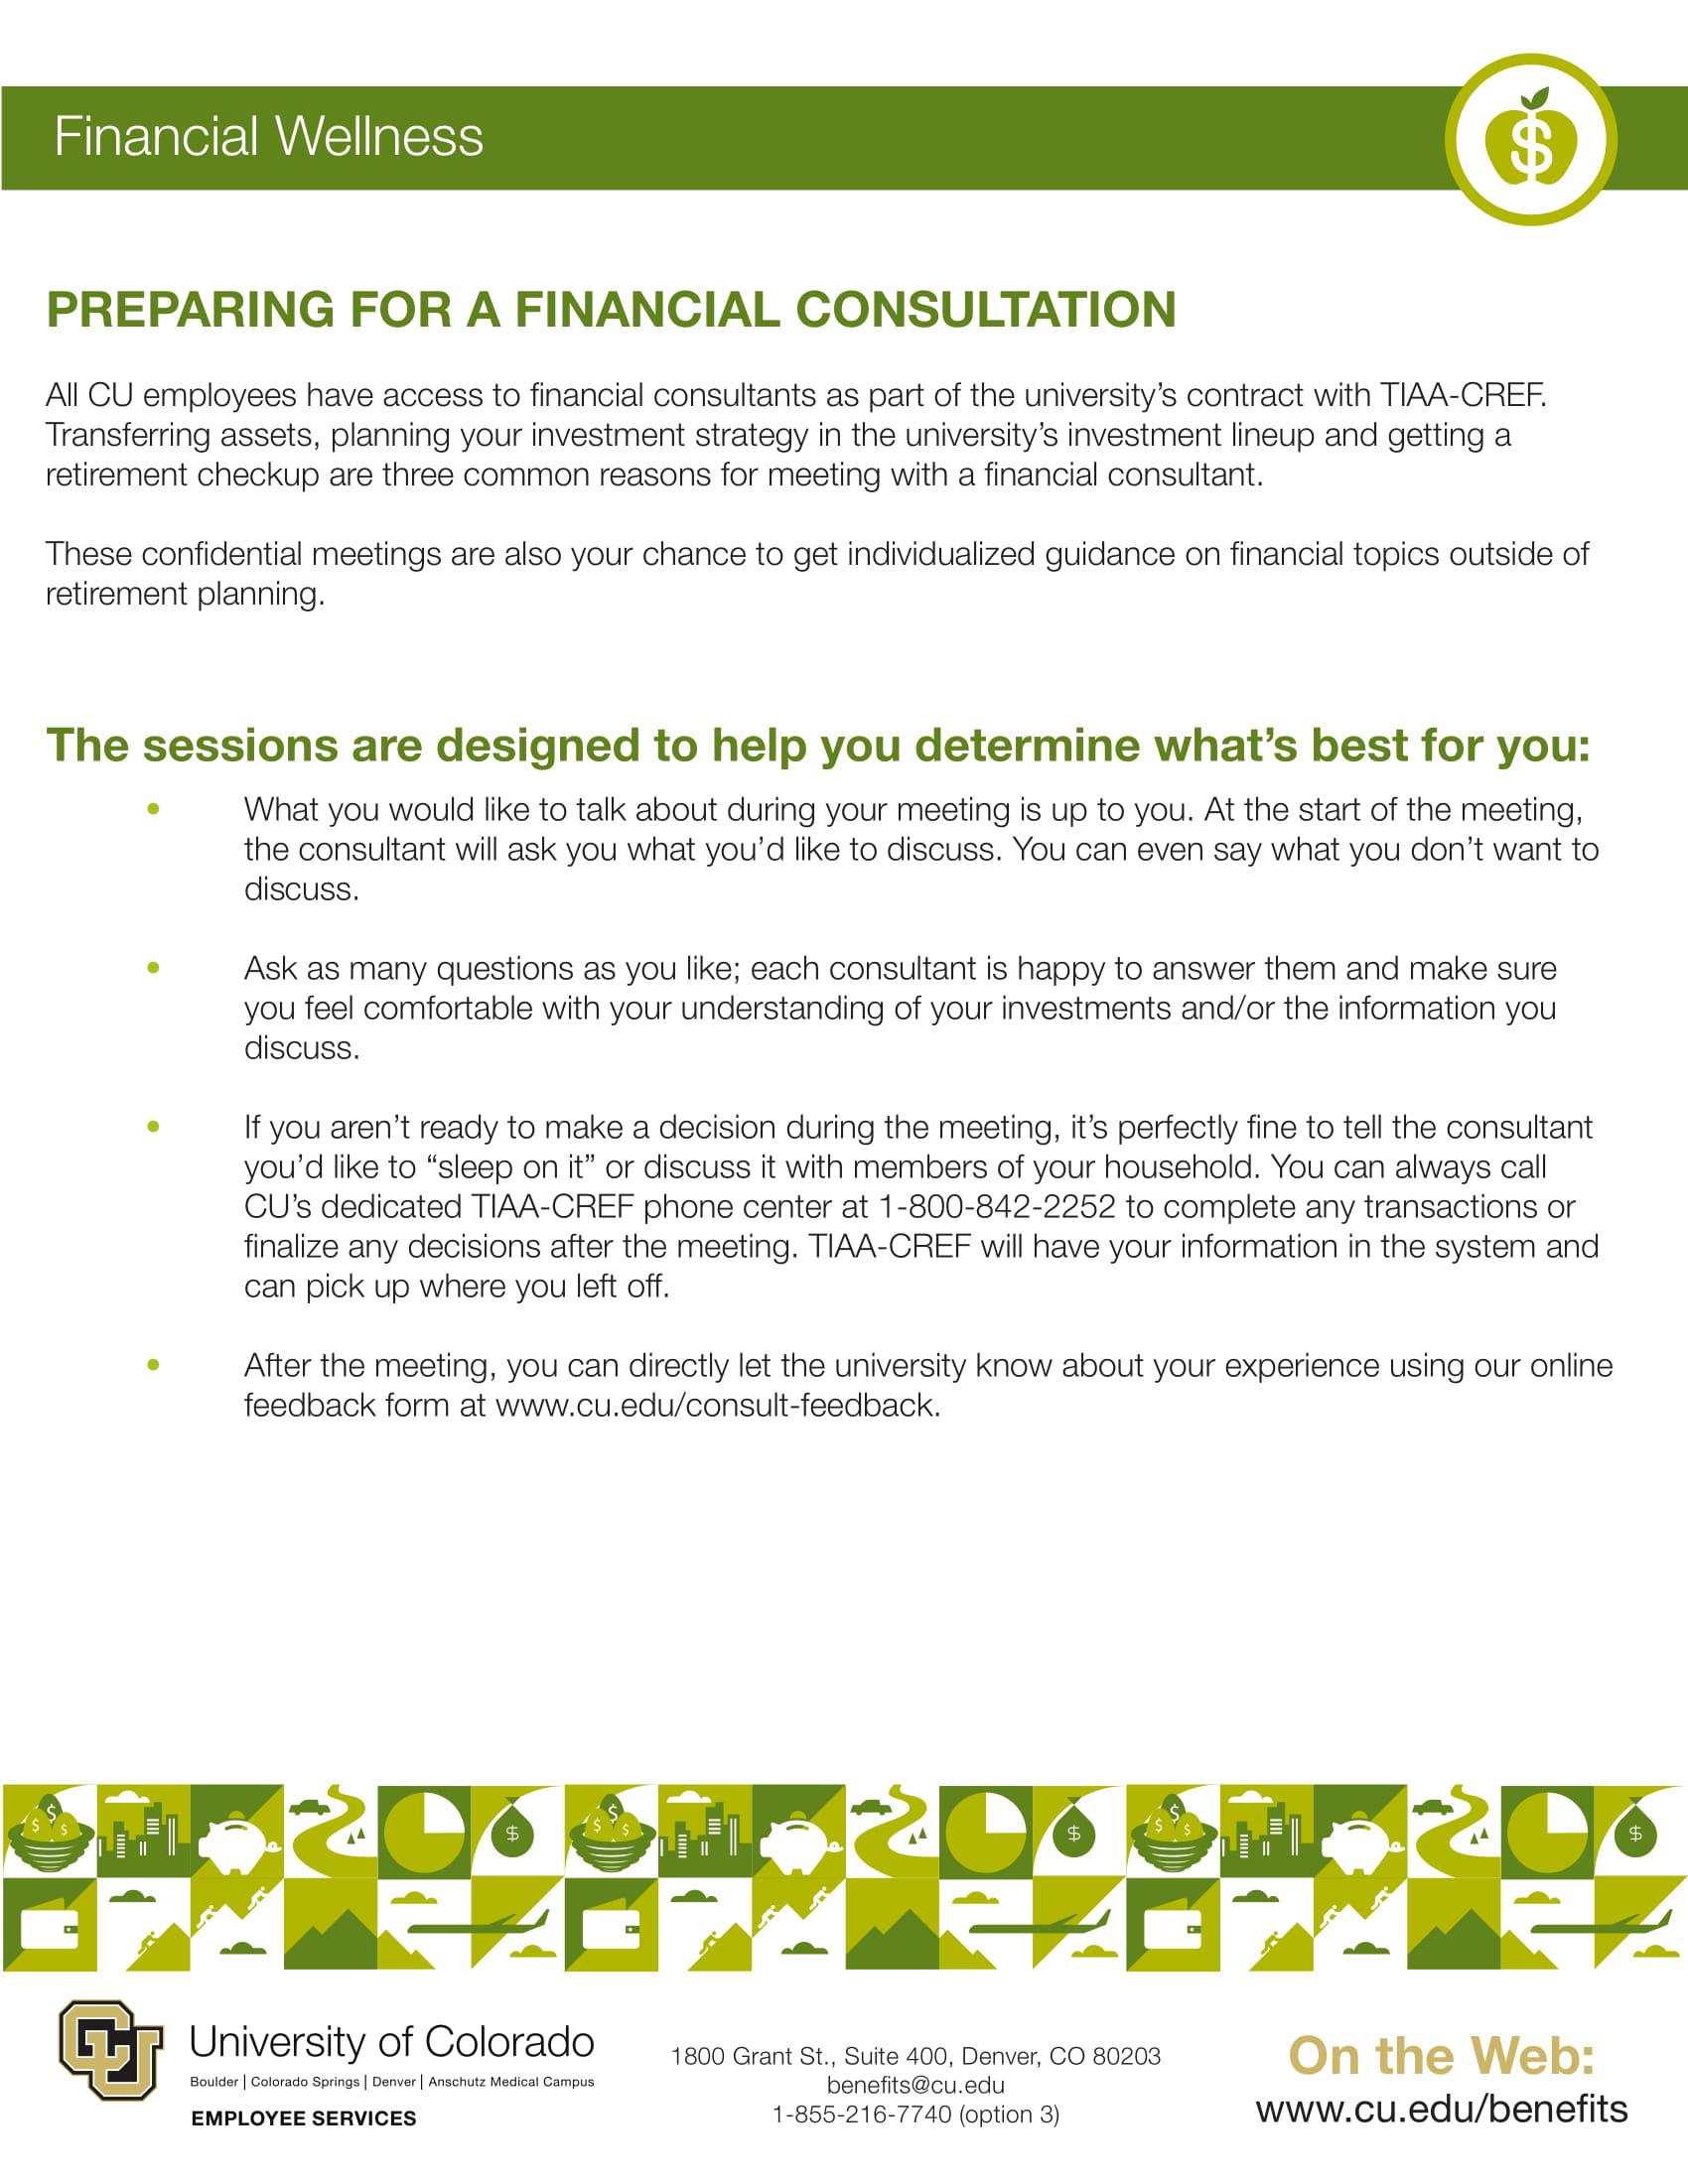 financial consultation prep guide cu financial wellness